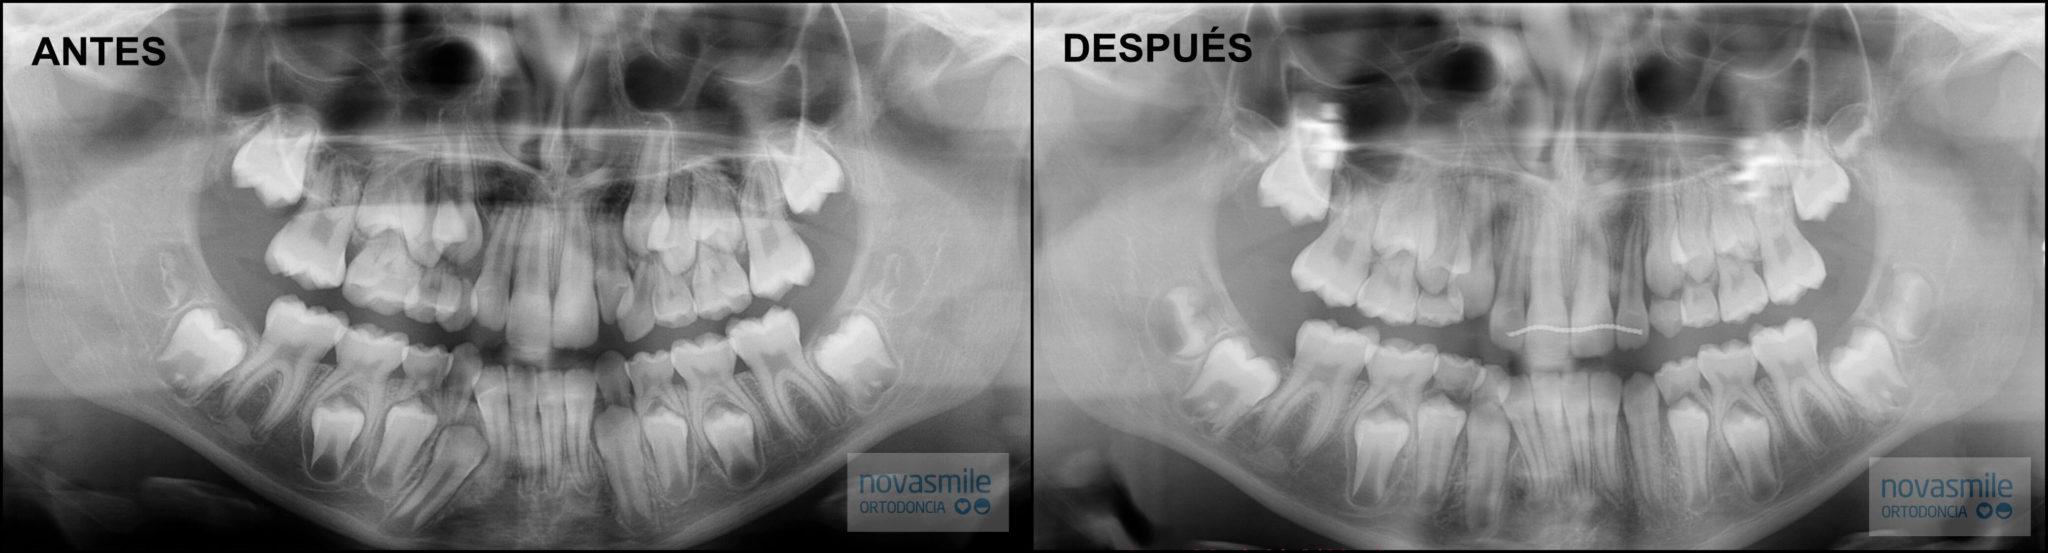 Radiografías Antes y Después 1ª Fase